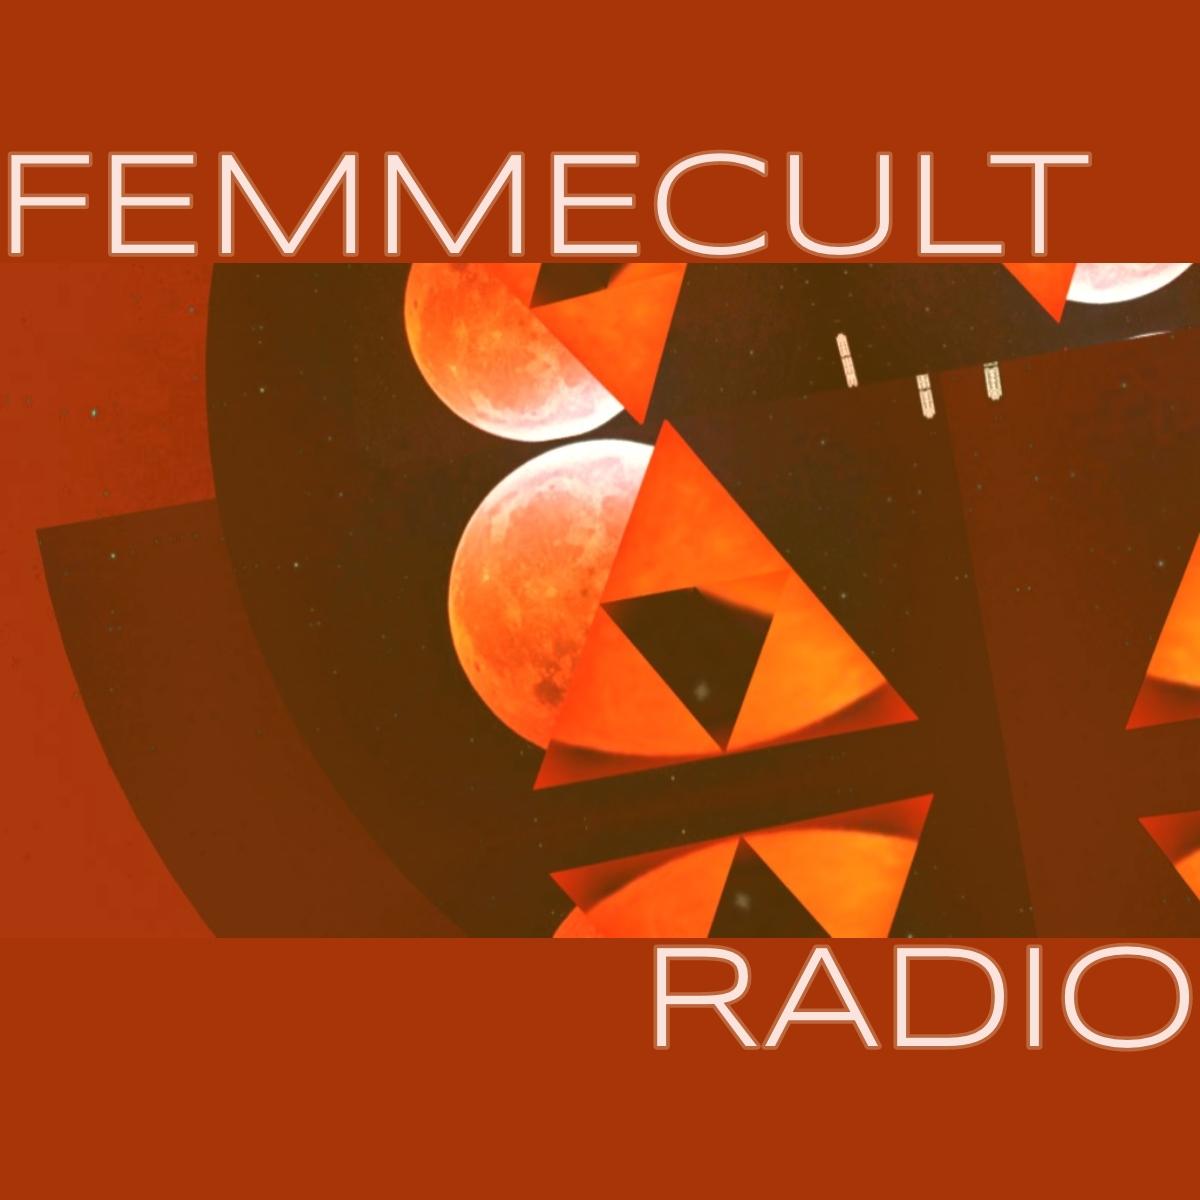 Femmecult Radio show art